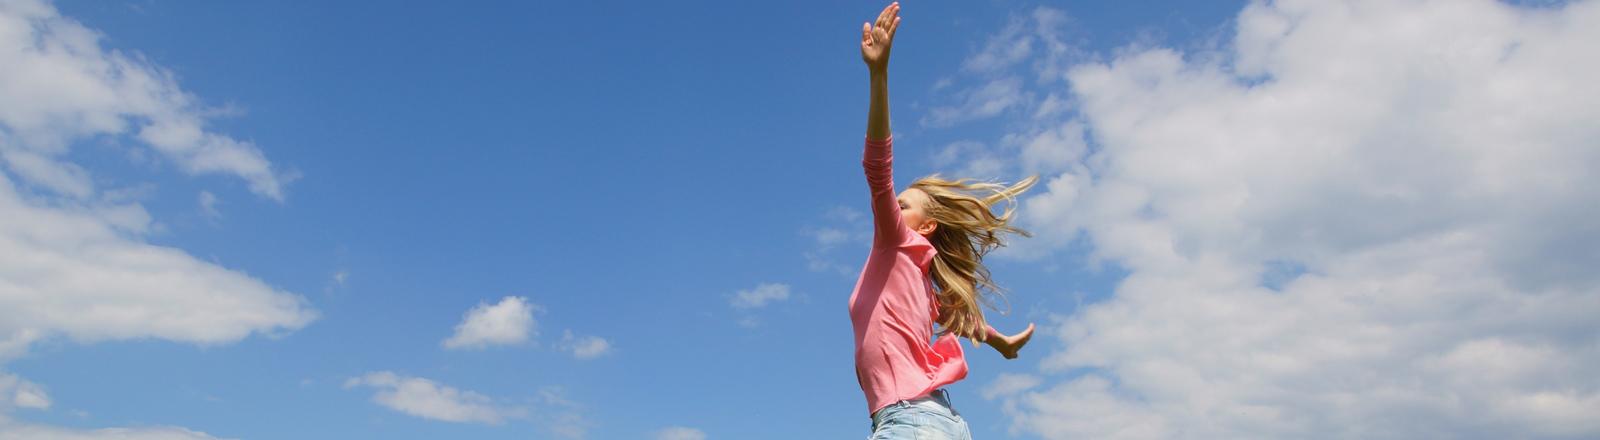 Eine Frau springt über eine Wiese.